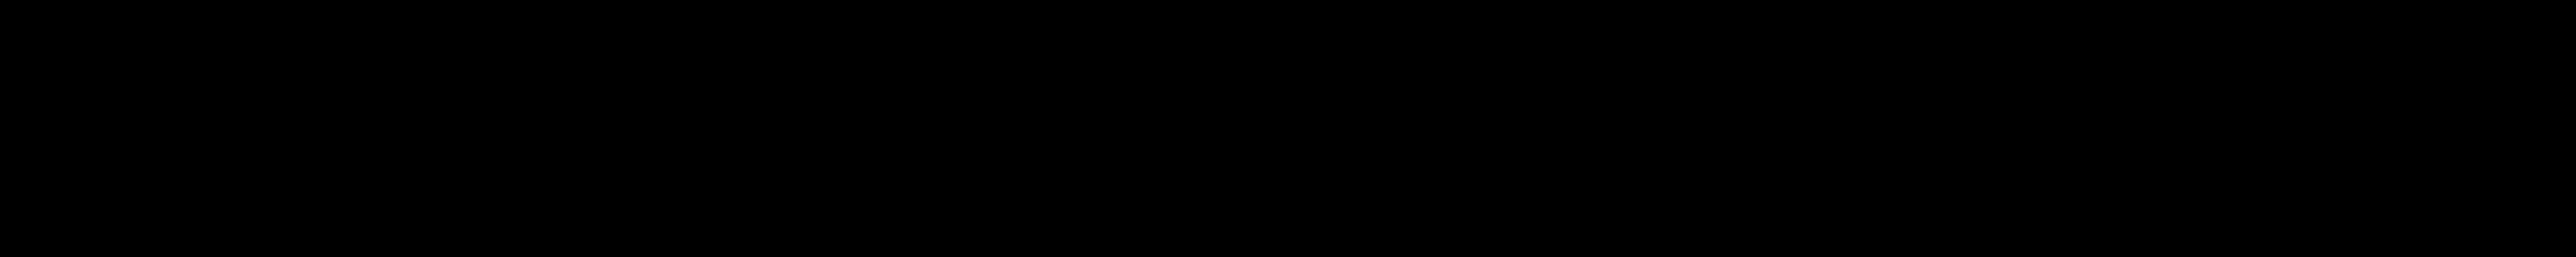 Logo Täcka Udden - Kungliga Djurgården, Östermalm, Stockholm - En av världens vackraste stadsparker - @kungligadjurgarden - kungligadjurgarden.com - Kungliga Djurgården en del av Östermalm - @ostermalm - ostermalm.com